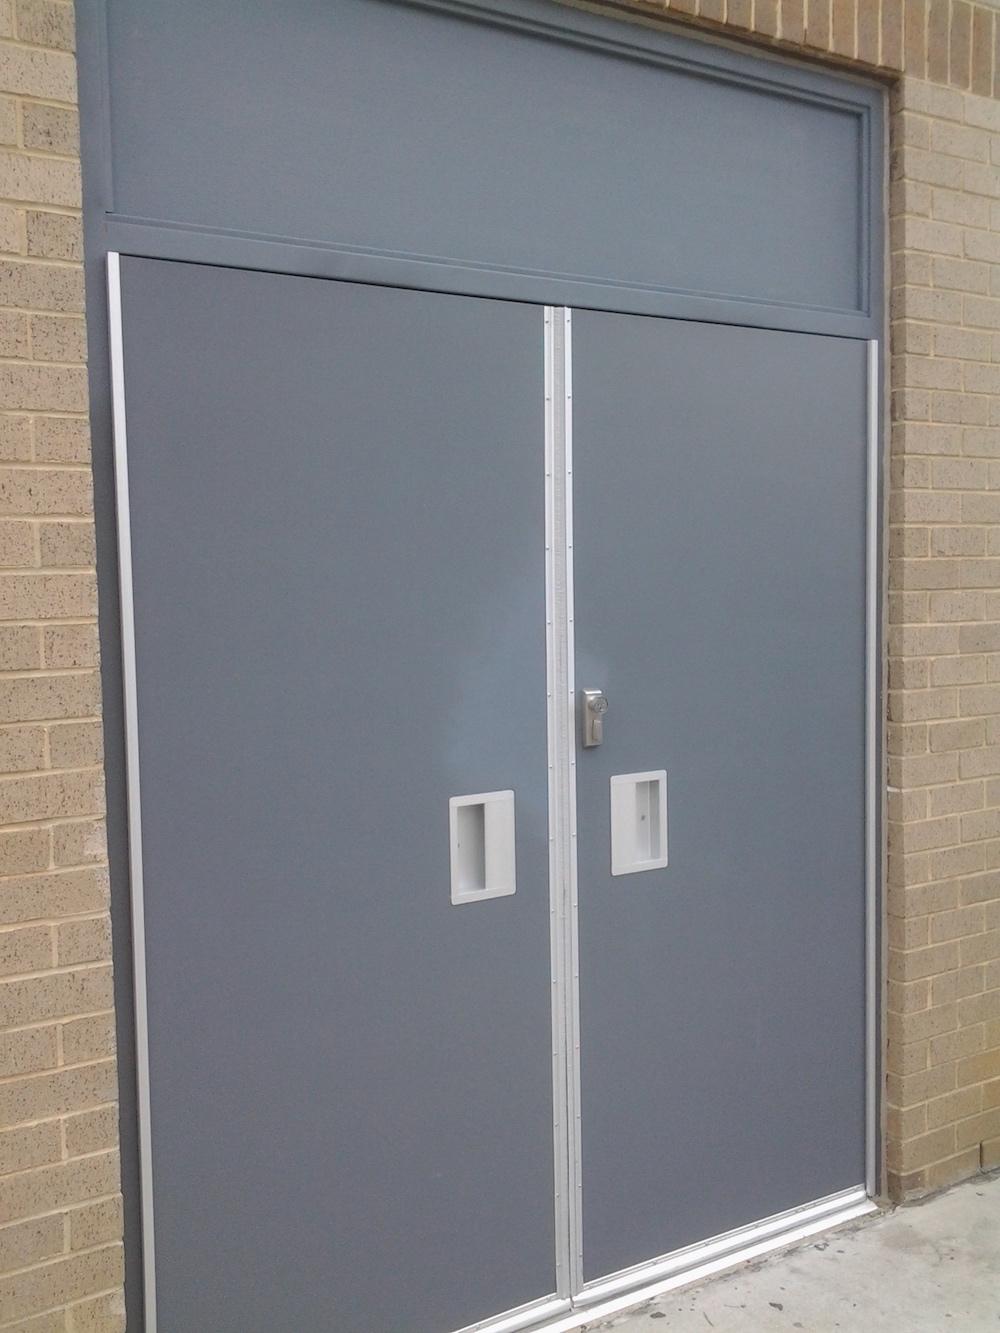 Flush Pull Hollow Metal Doors National Security Door